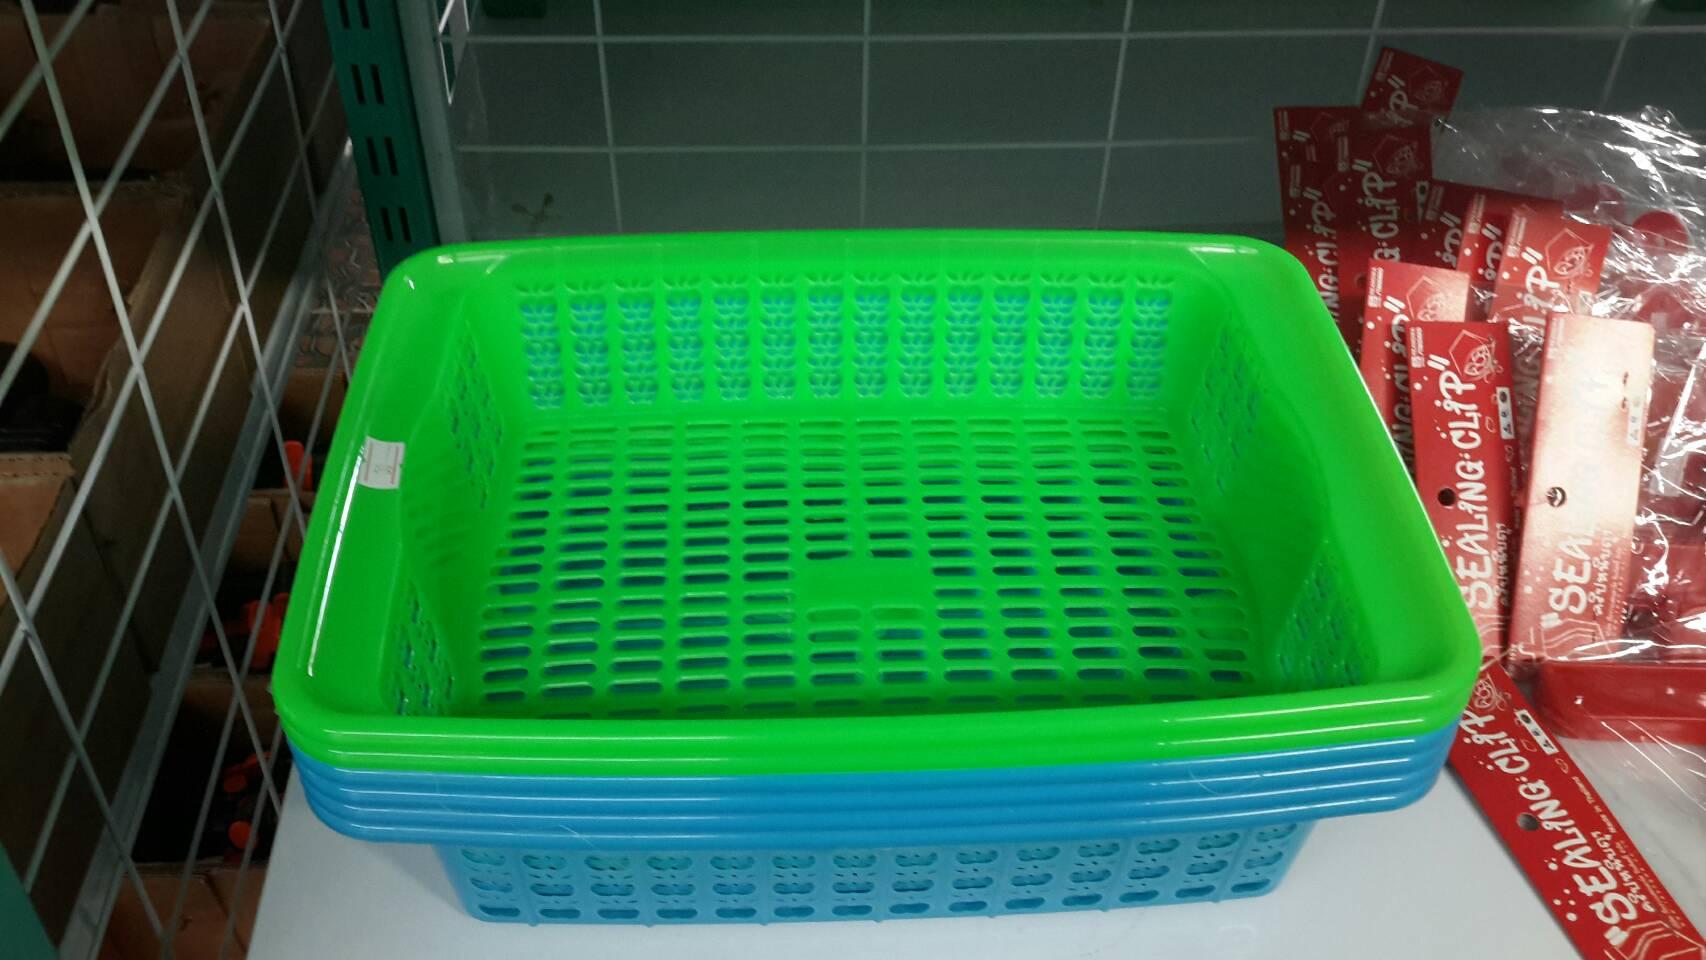 ตะกร้าสำหรับวางฟองน้ำเพาะเมล็ด วางได้ 70 ก้อน